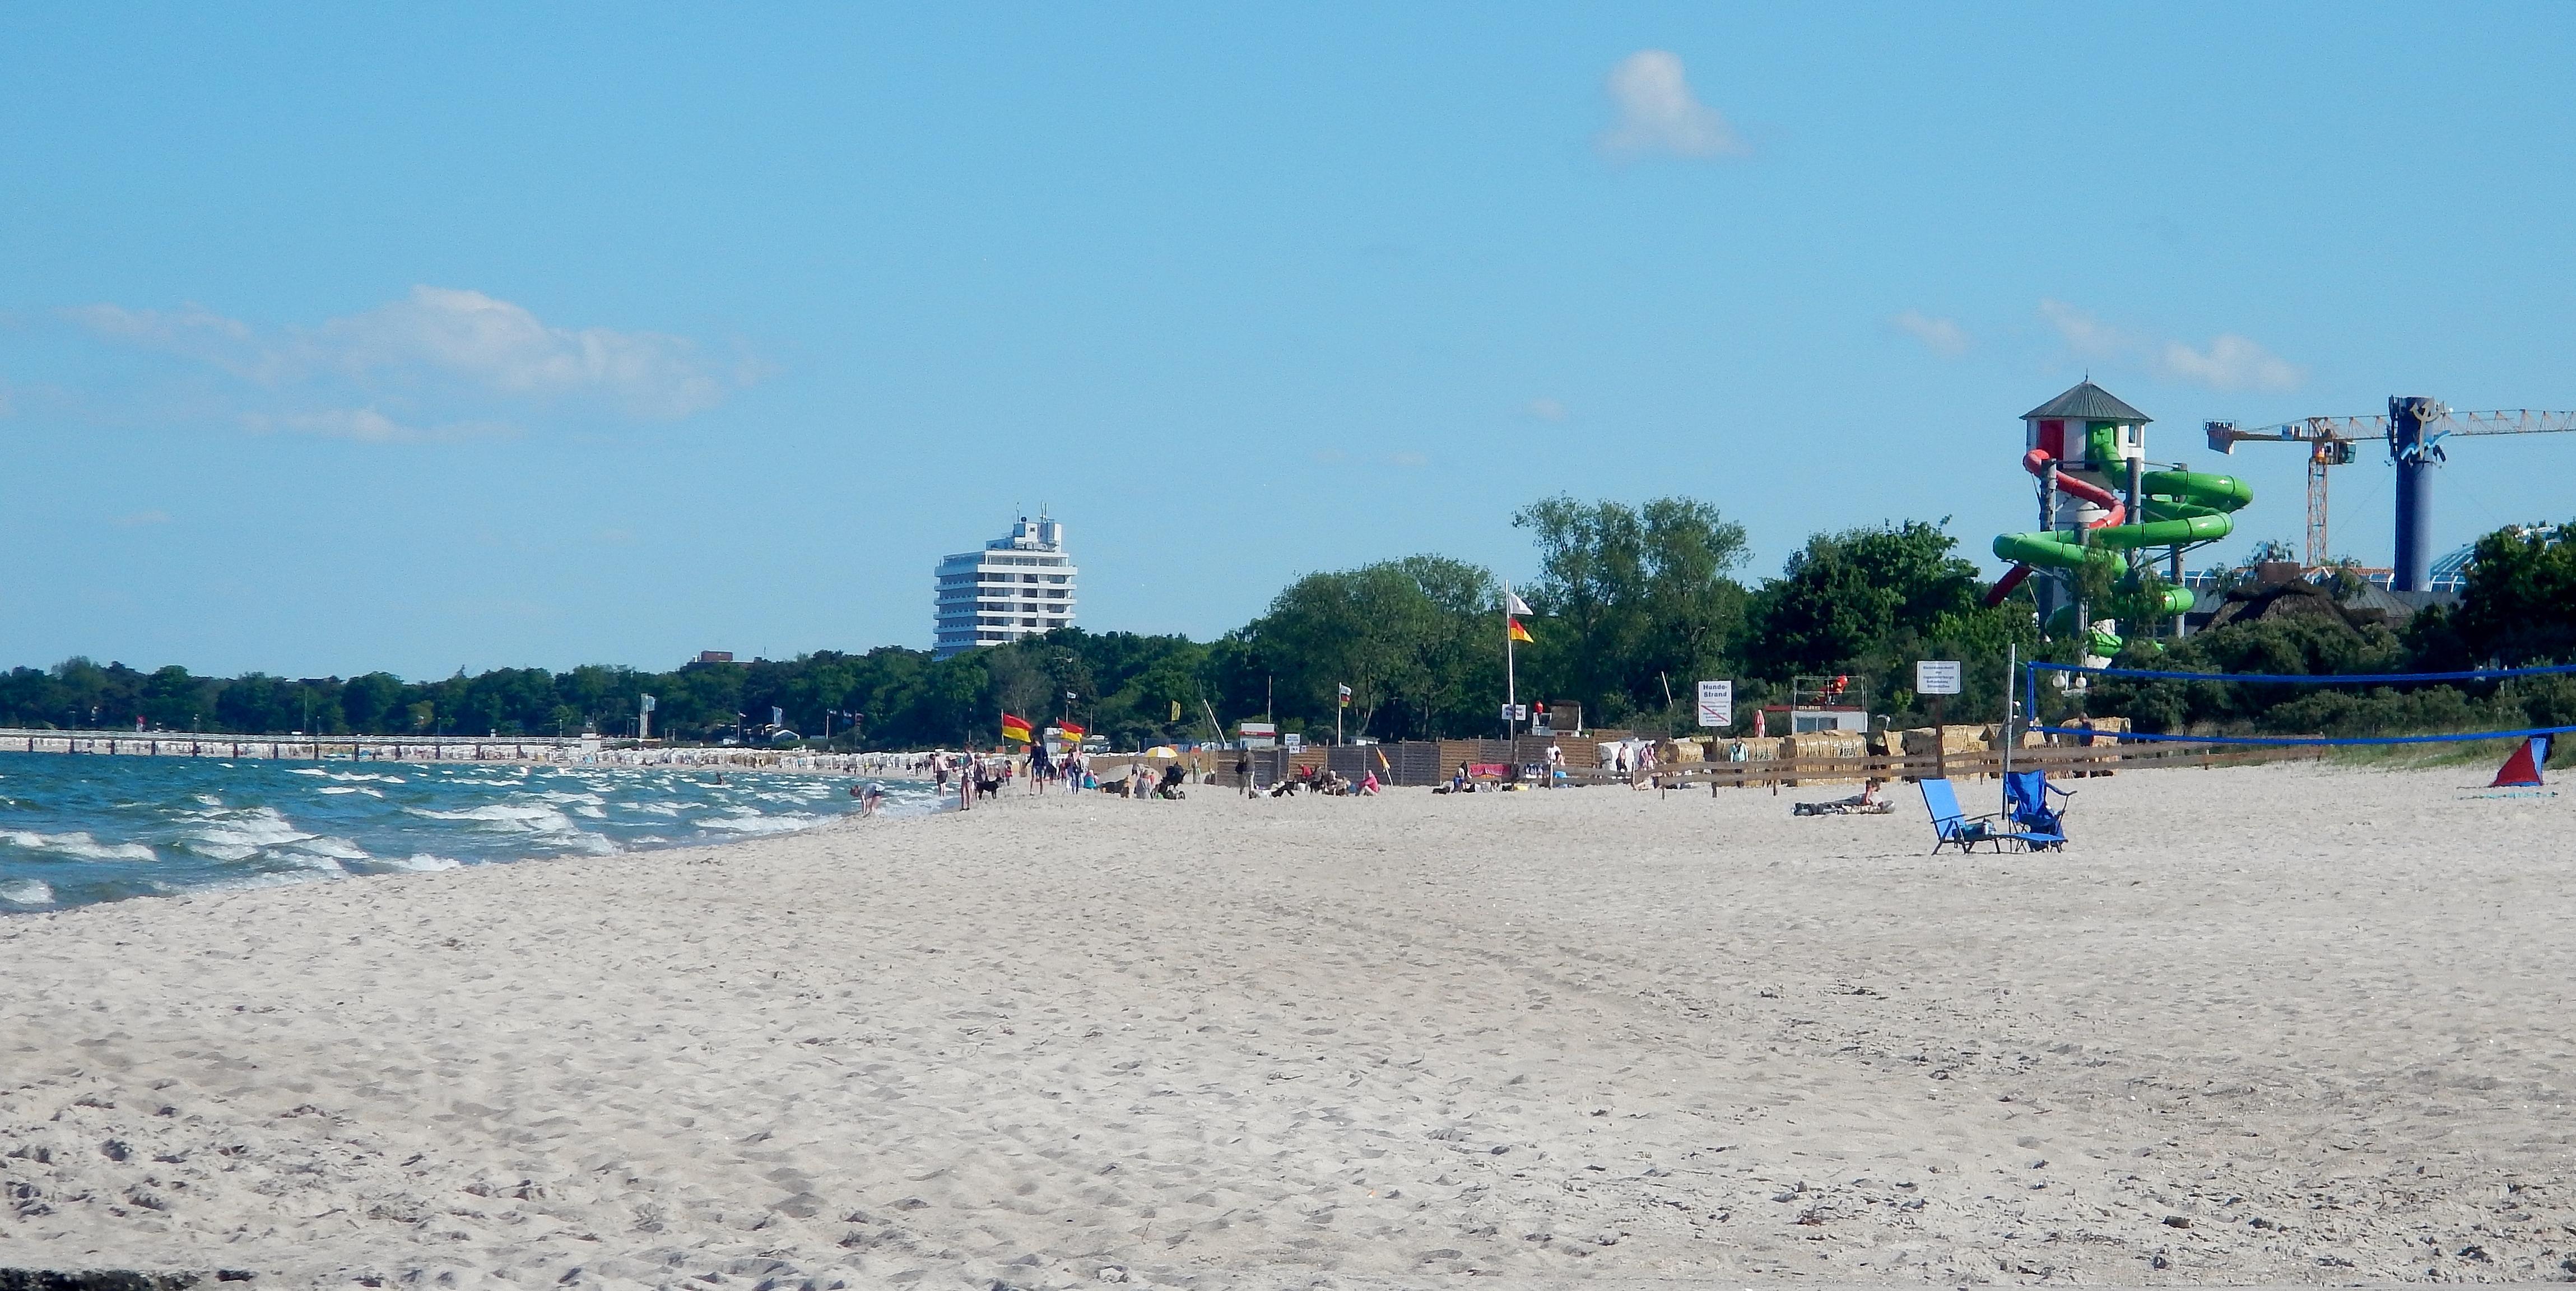 Strandpassage timmendorfer strand